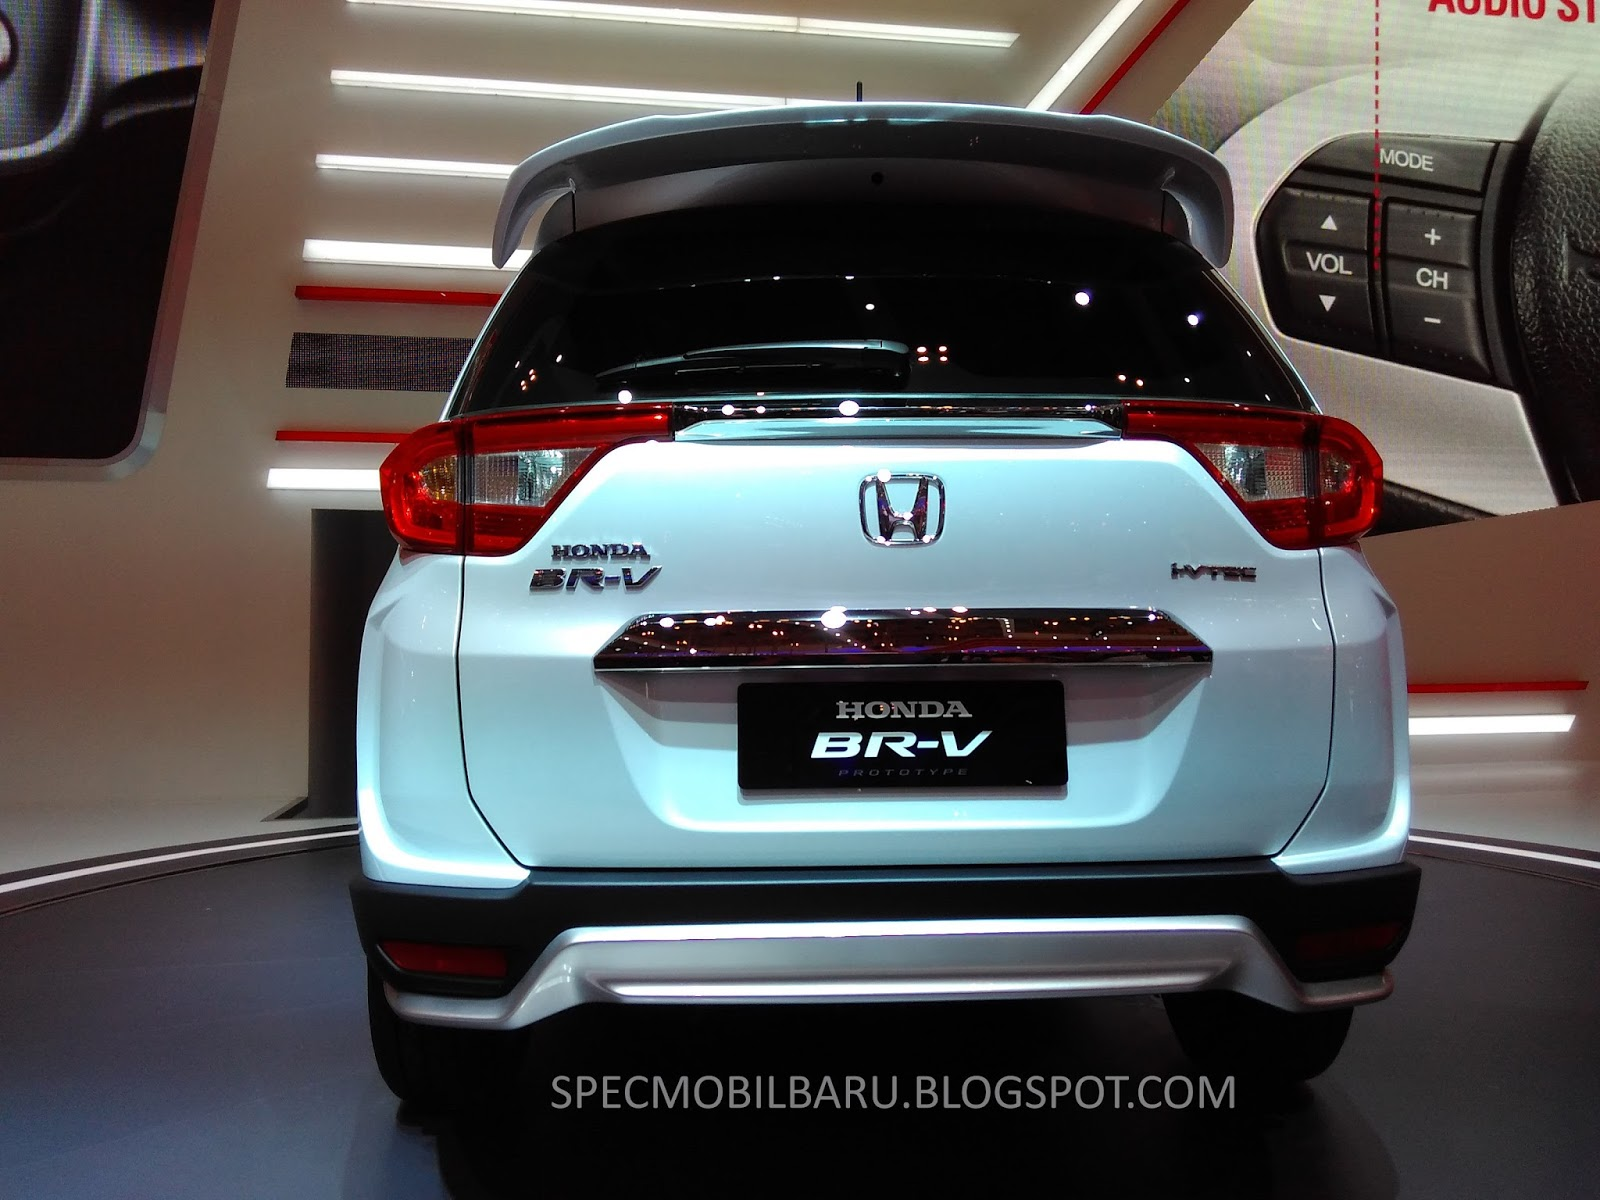 Kelebihan Harga Mobil Honda Brv Top Model Tahun Ini